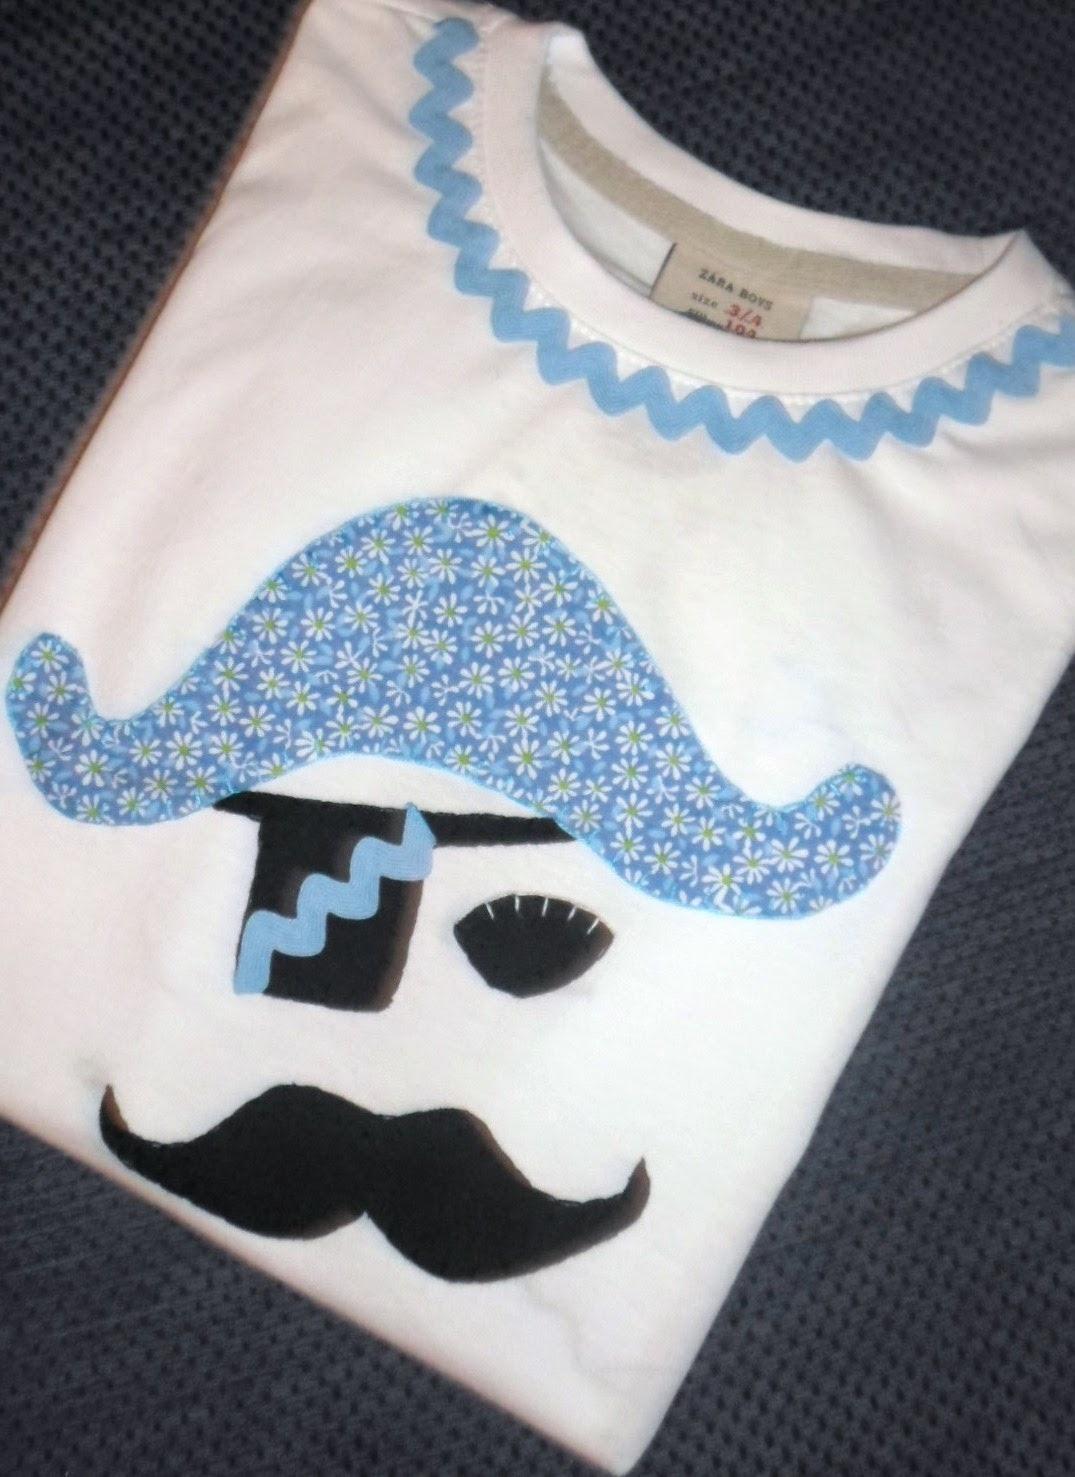 camiseta con aplicación de pirata